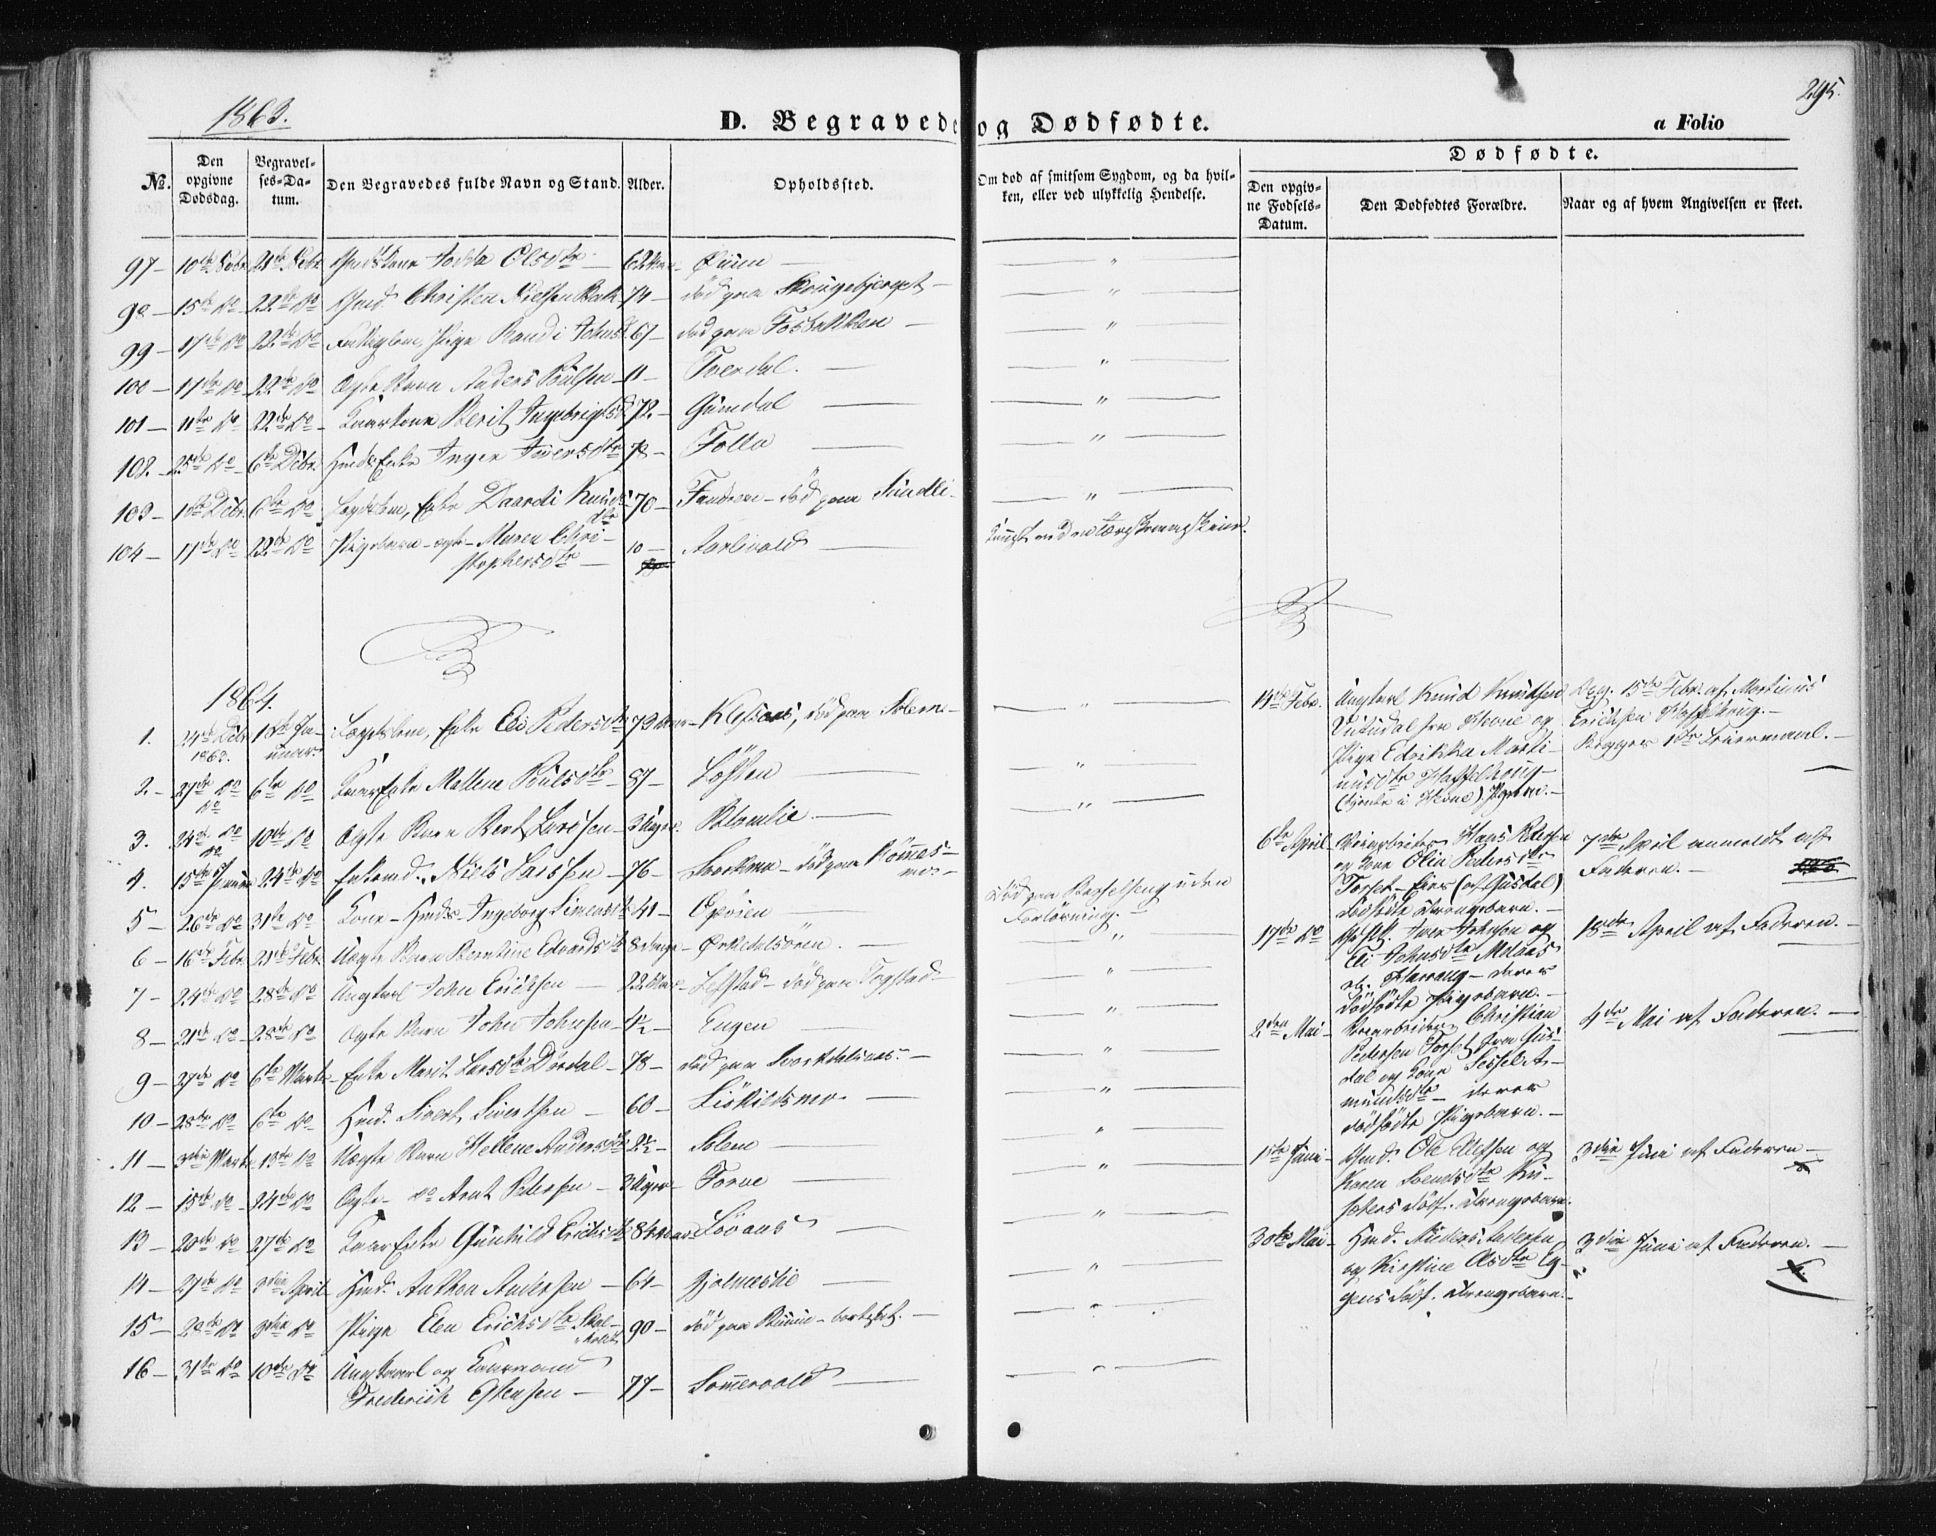 SAT, Ministerialprotokoller, klokkerbøker og fødselsregistre - Sør-Trøndelag, 668/L0806: Ministerialbok nr. 668A06, 1854-1869, s. 295